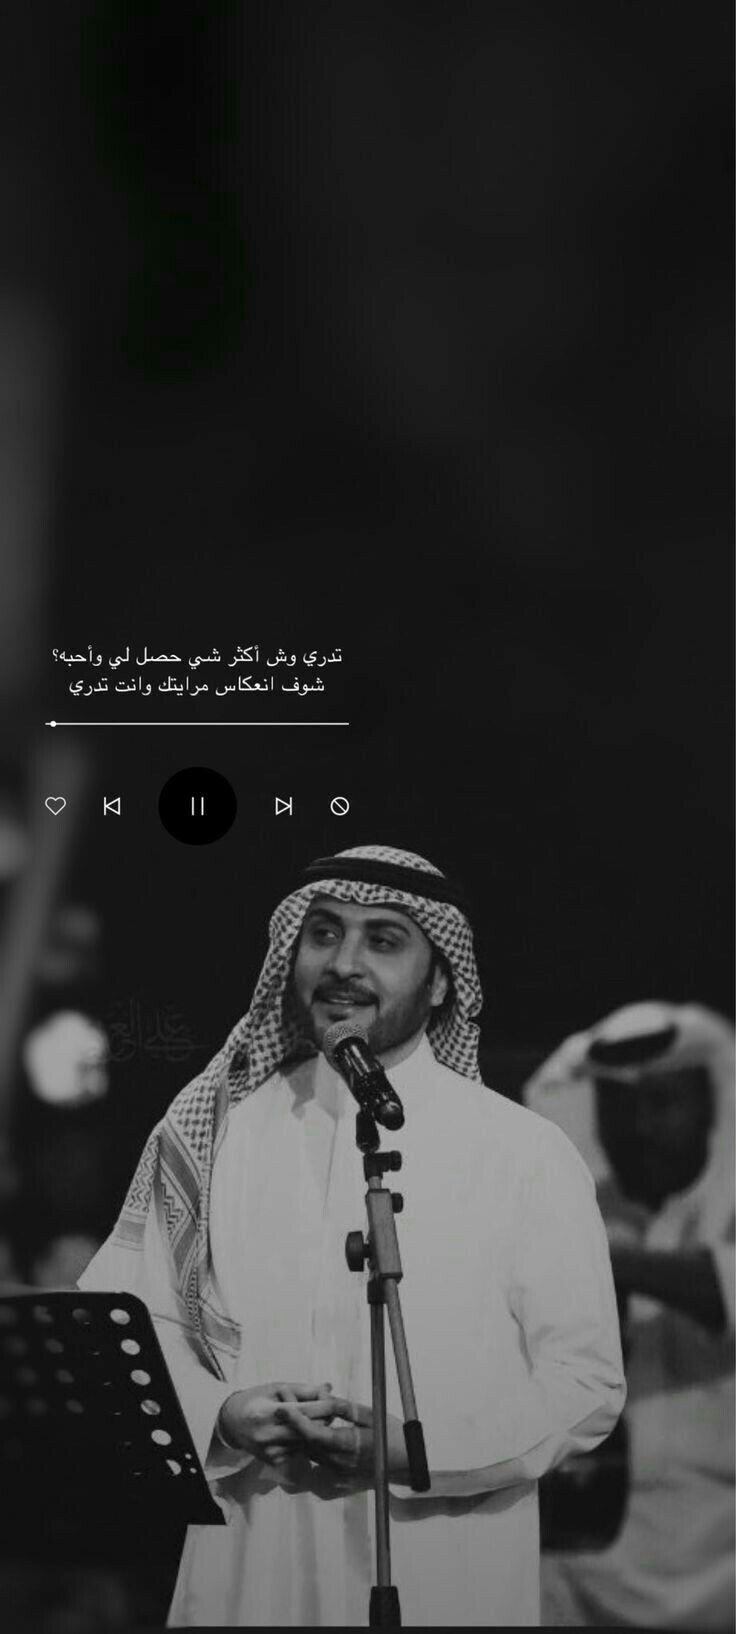 ماجد المهندس ماجد القلـ ـب Cover Photo Quotes Good Relationship Quotes Iphone Wallpaper Quotes Love